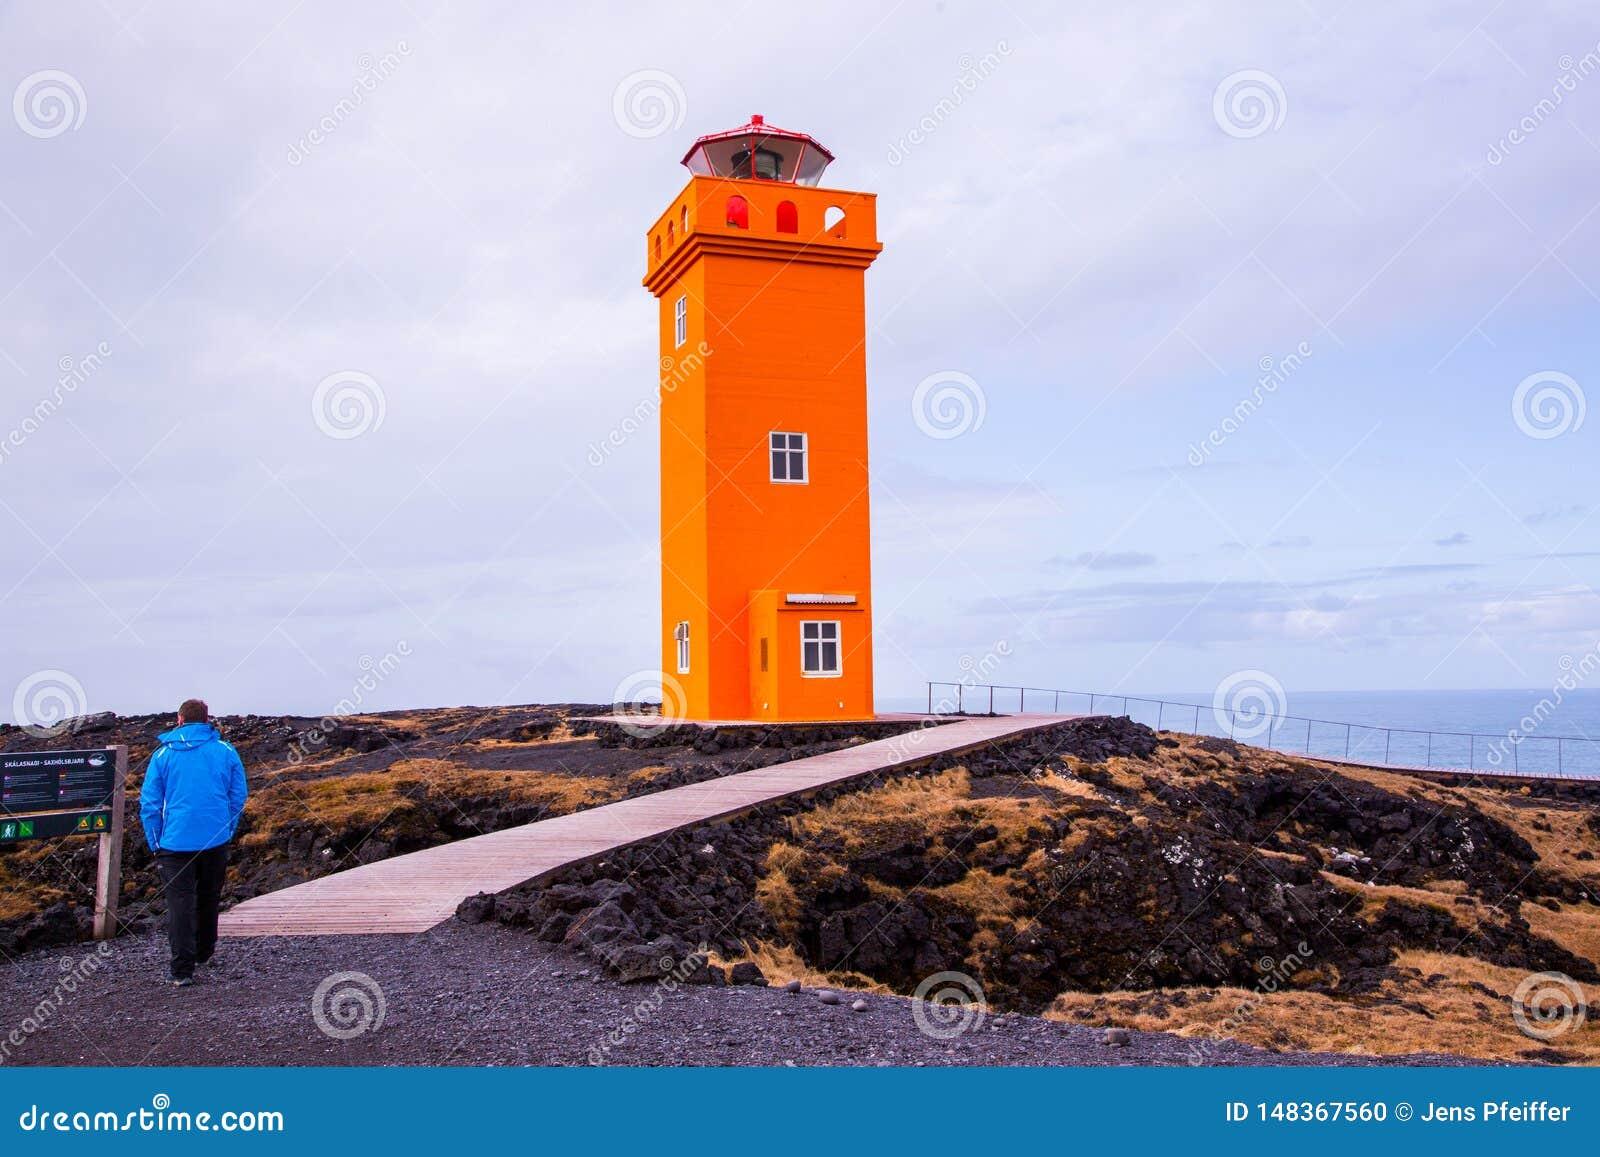 Orange Leuchtturm mit Menschen im Vordergrund